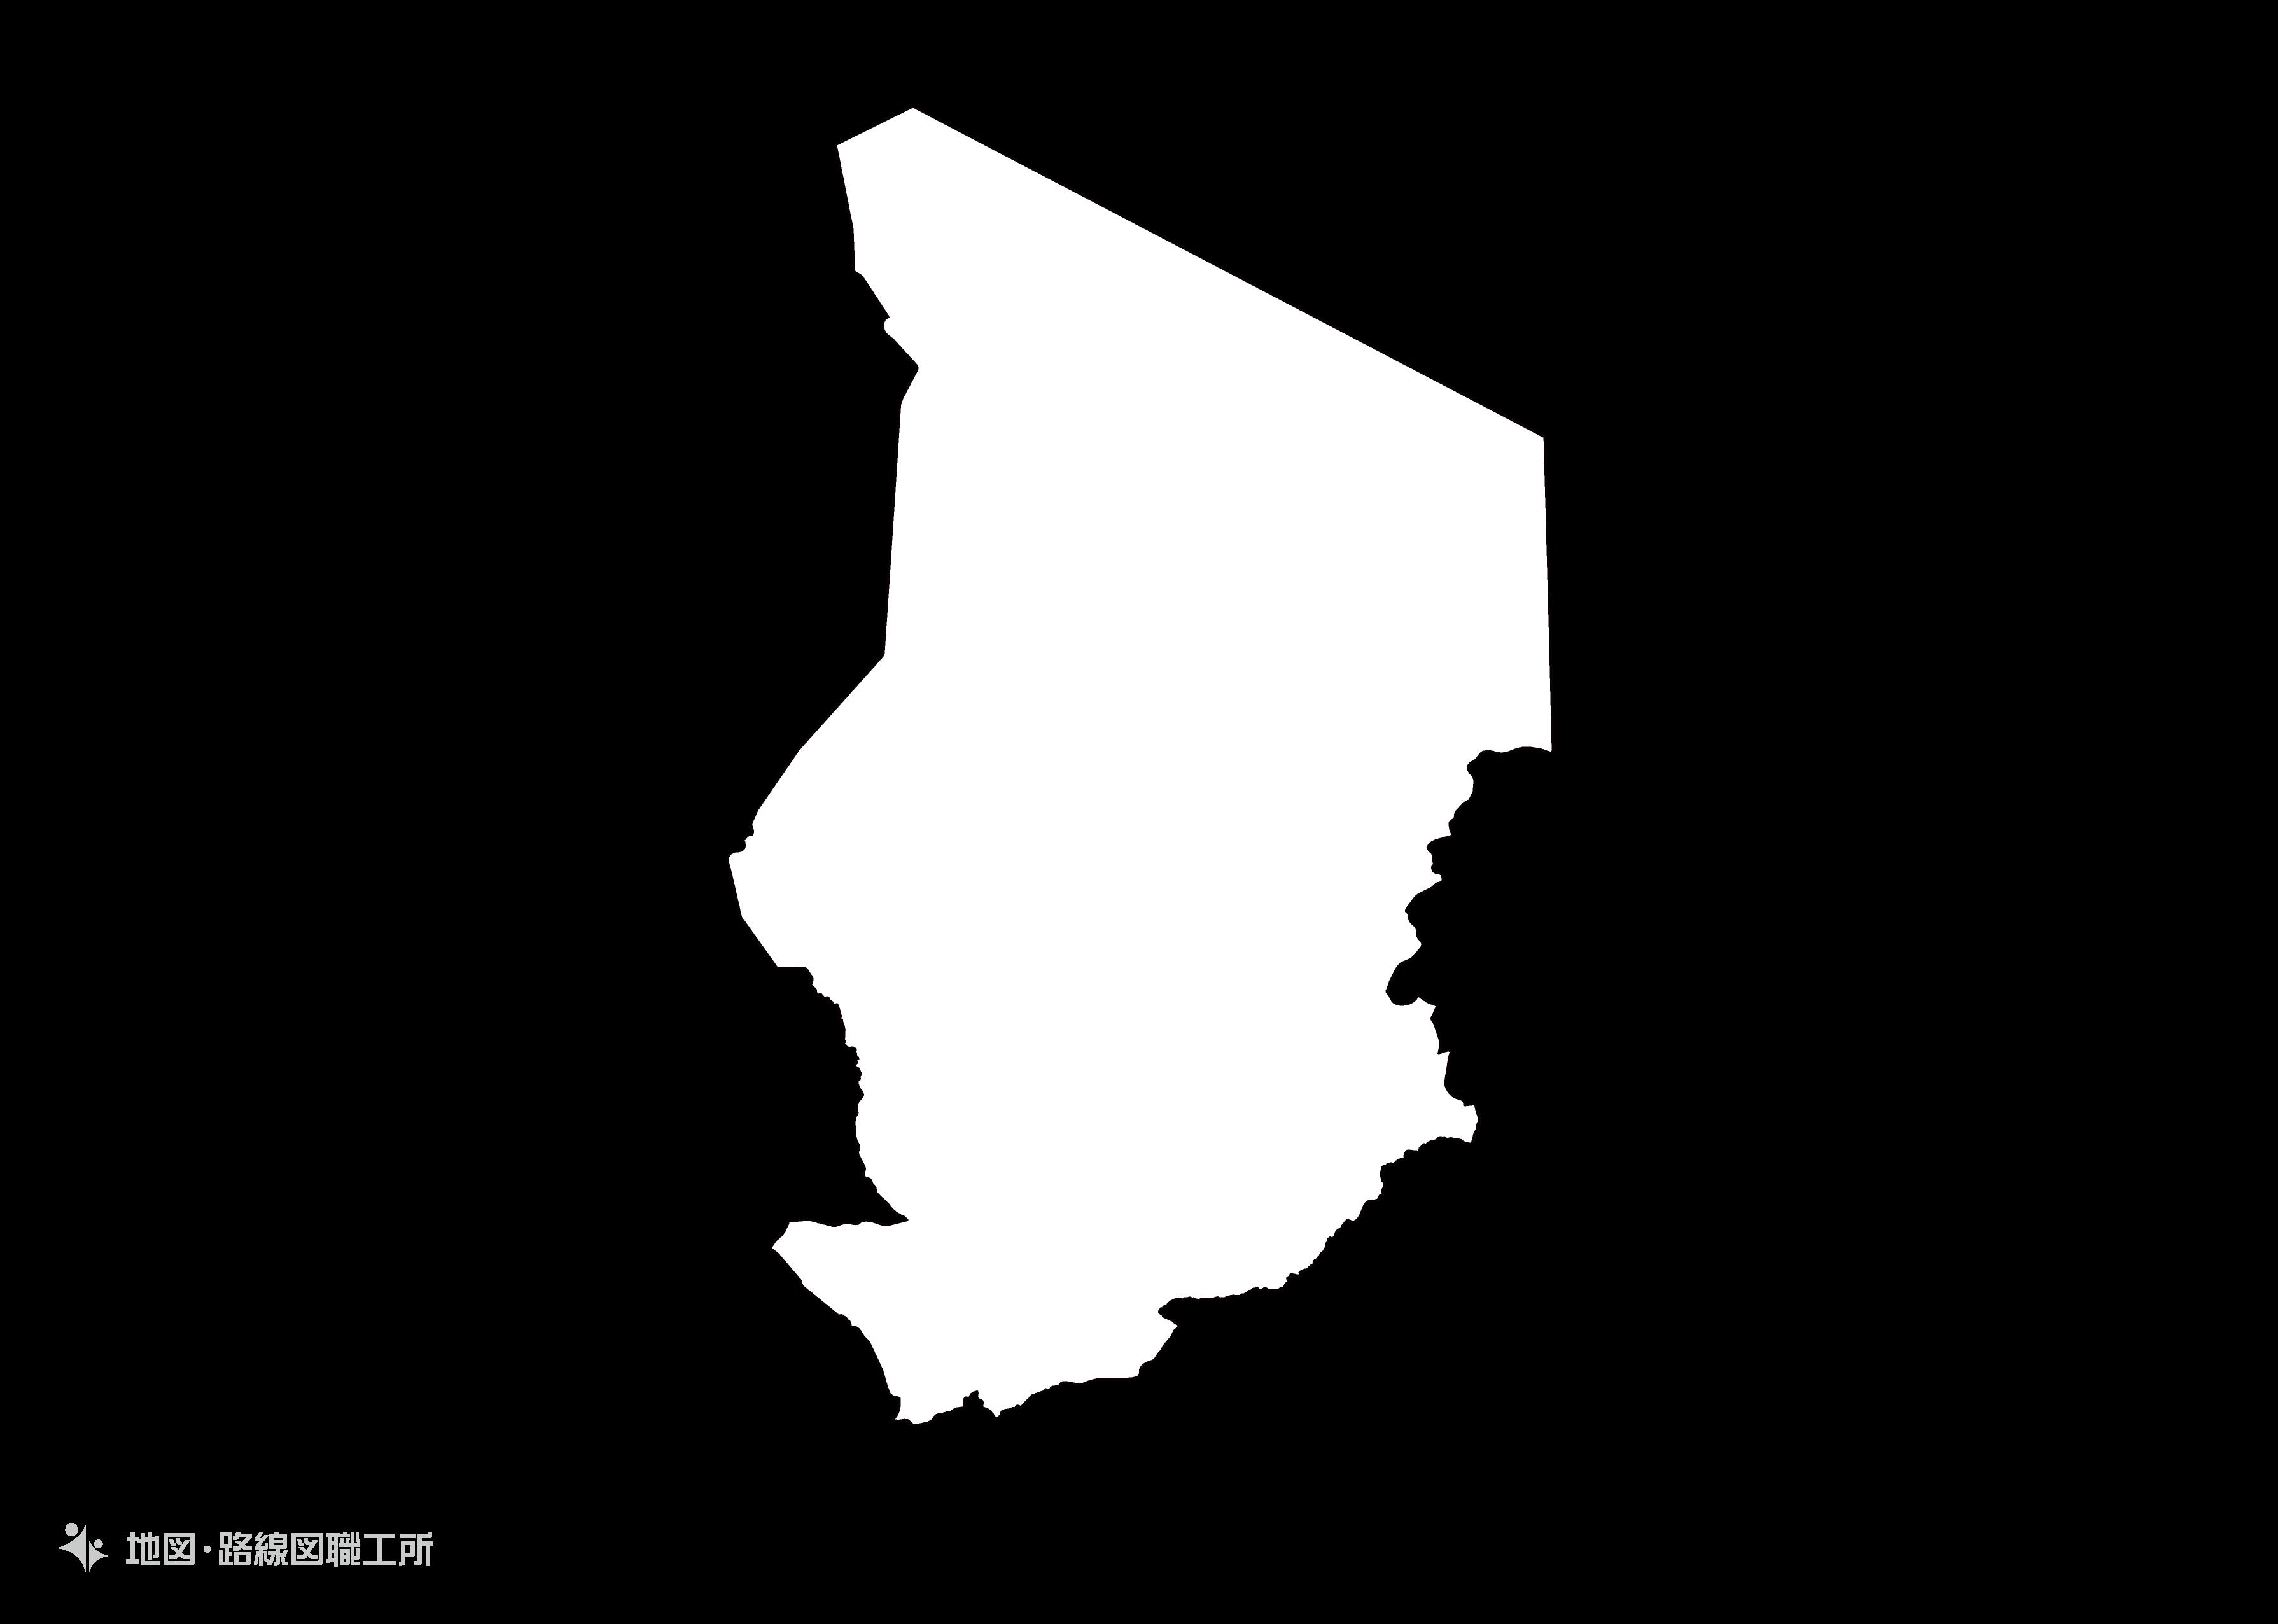 世界の白地図 チャド共和国 republic-of-chad map